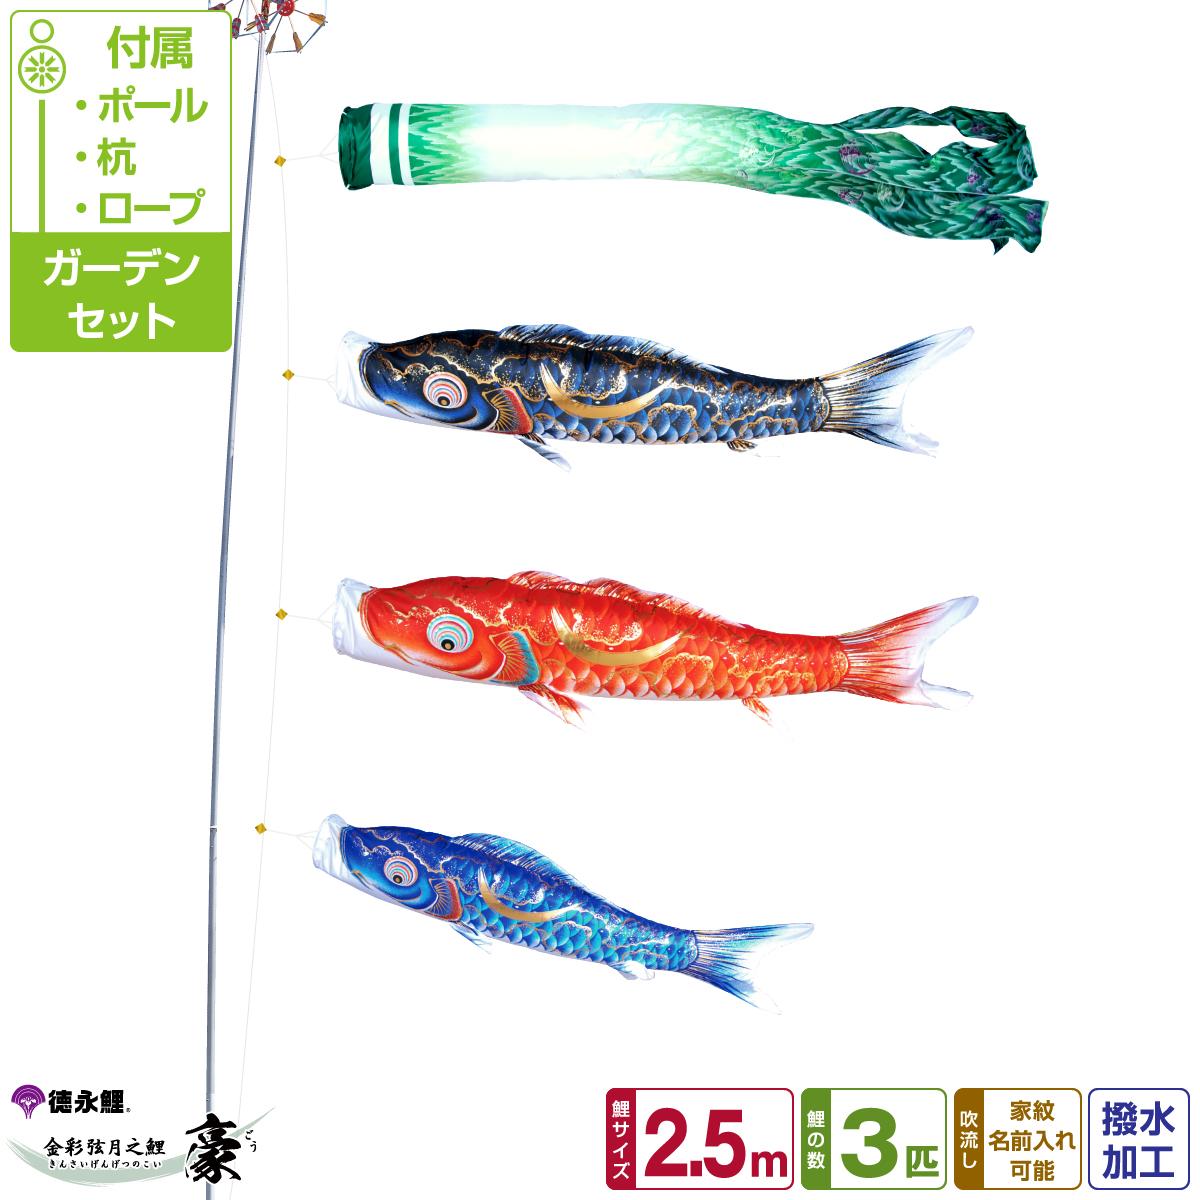 徳永鯉のぼり 豪鯉 2.5m 6点セット ガーデンセット 2019年初節句 端午の節句 こどもの日 こいのぼり